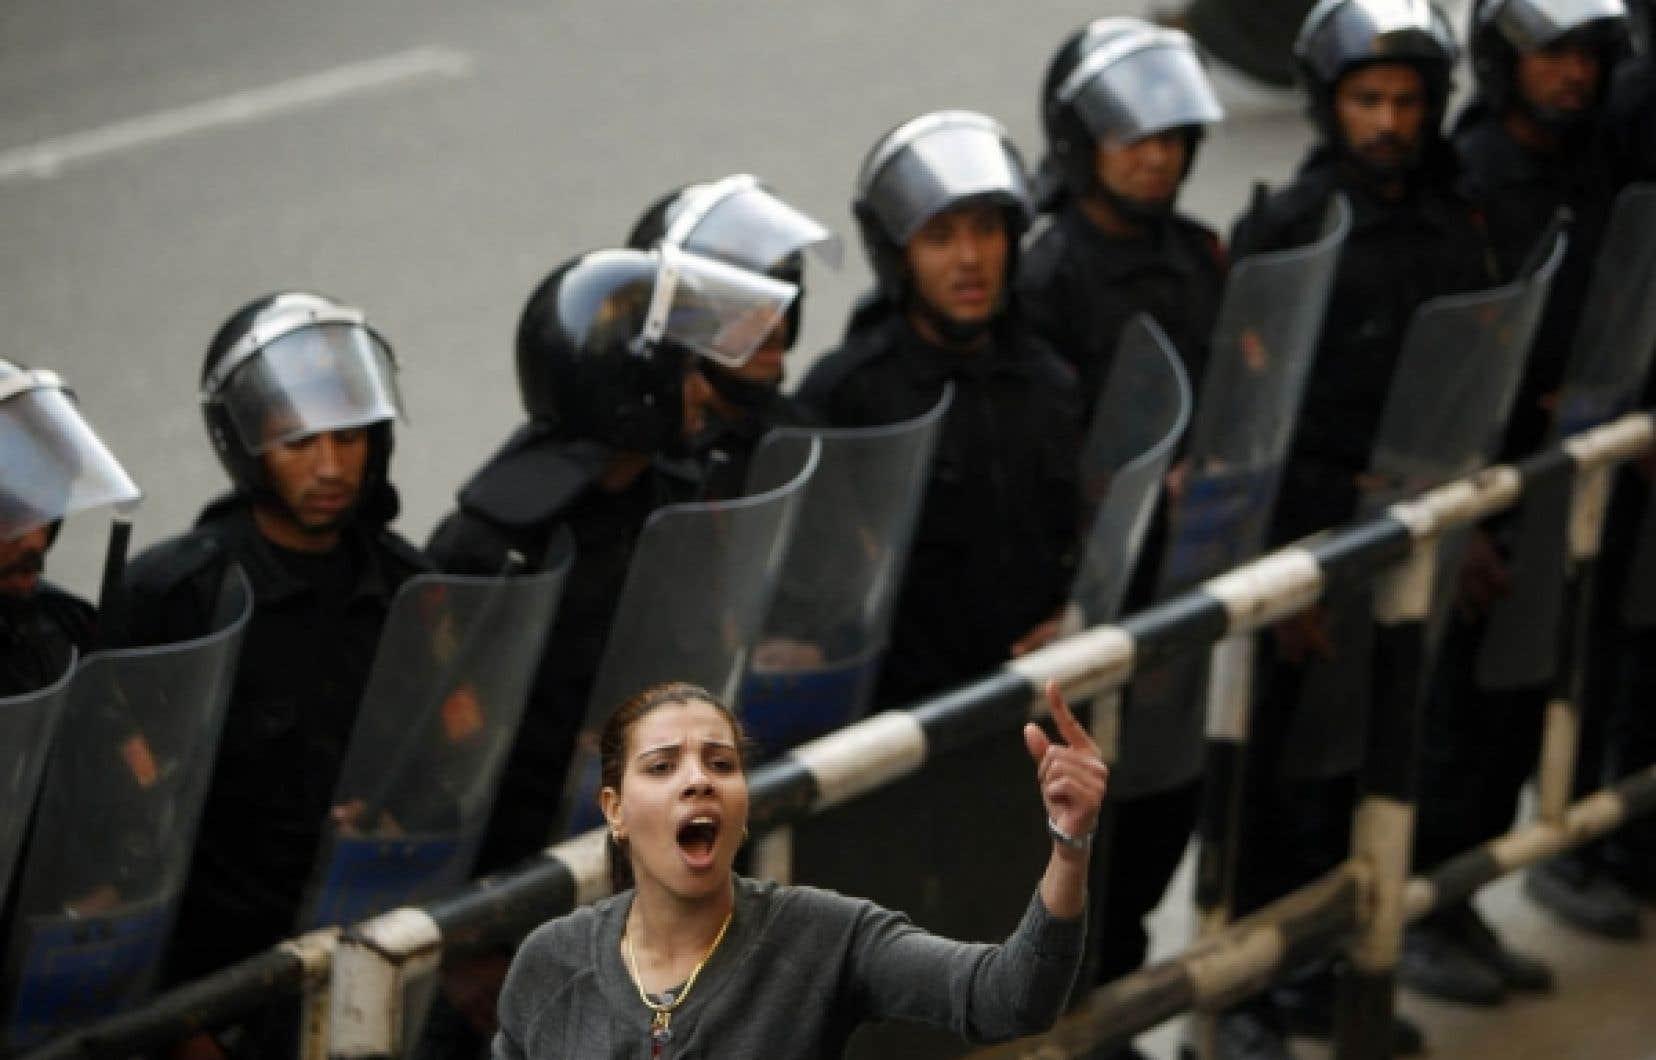 Une activiste &eacute;gyptienne scande des slogans contre le gouvernement du pr&eacute;sident Hosni Moubarak, en poste depuis 1981. Elle prenait part hier &agrave; une manifestation au centre-ville du Caire, surveill&eacute;e de pr&egrave;s par les policiers. Le soul&egrave;vement populaire qui a lieu en &Eacute;gypte depuis mardi se poursuit aujourd&rsquo;hui avec de grandes manifestations pr&eacute;vues un peu partout au pays et annonc&eacute;es sur les r&eacute;seaux sociaux.<br />